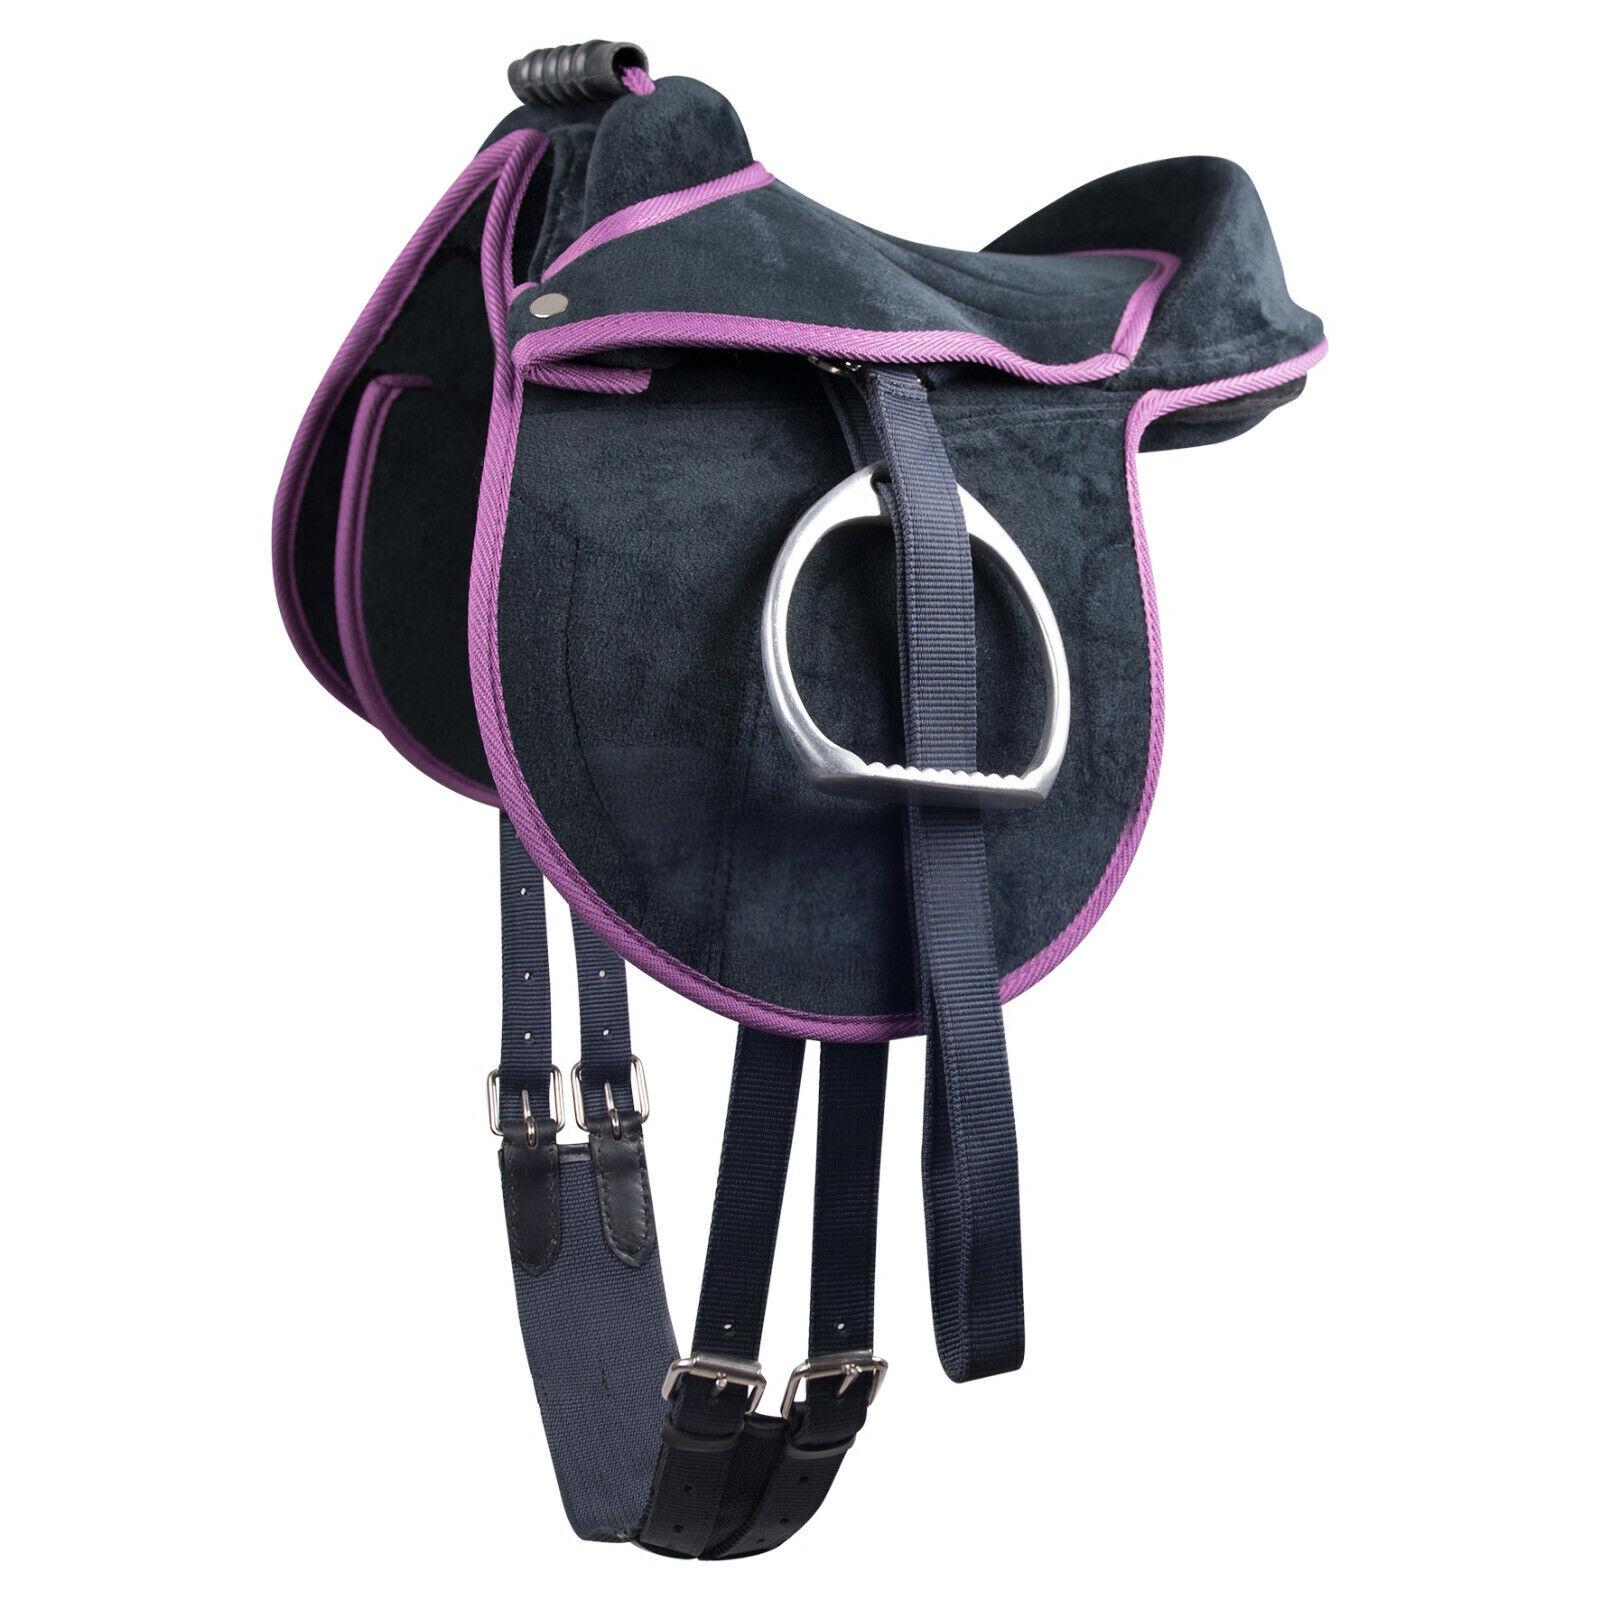 Sattel für Pferd Pony oder Shetland mit Griff für Kinder